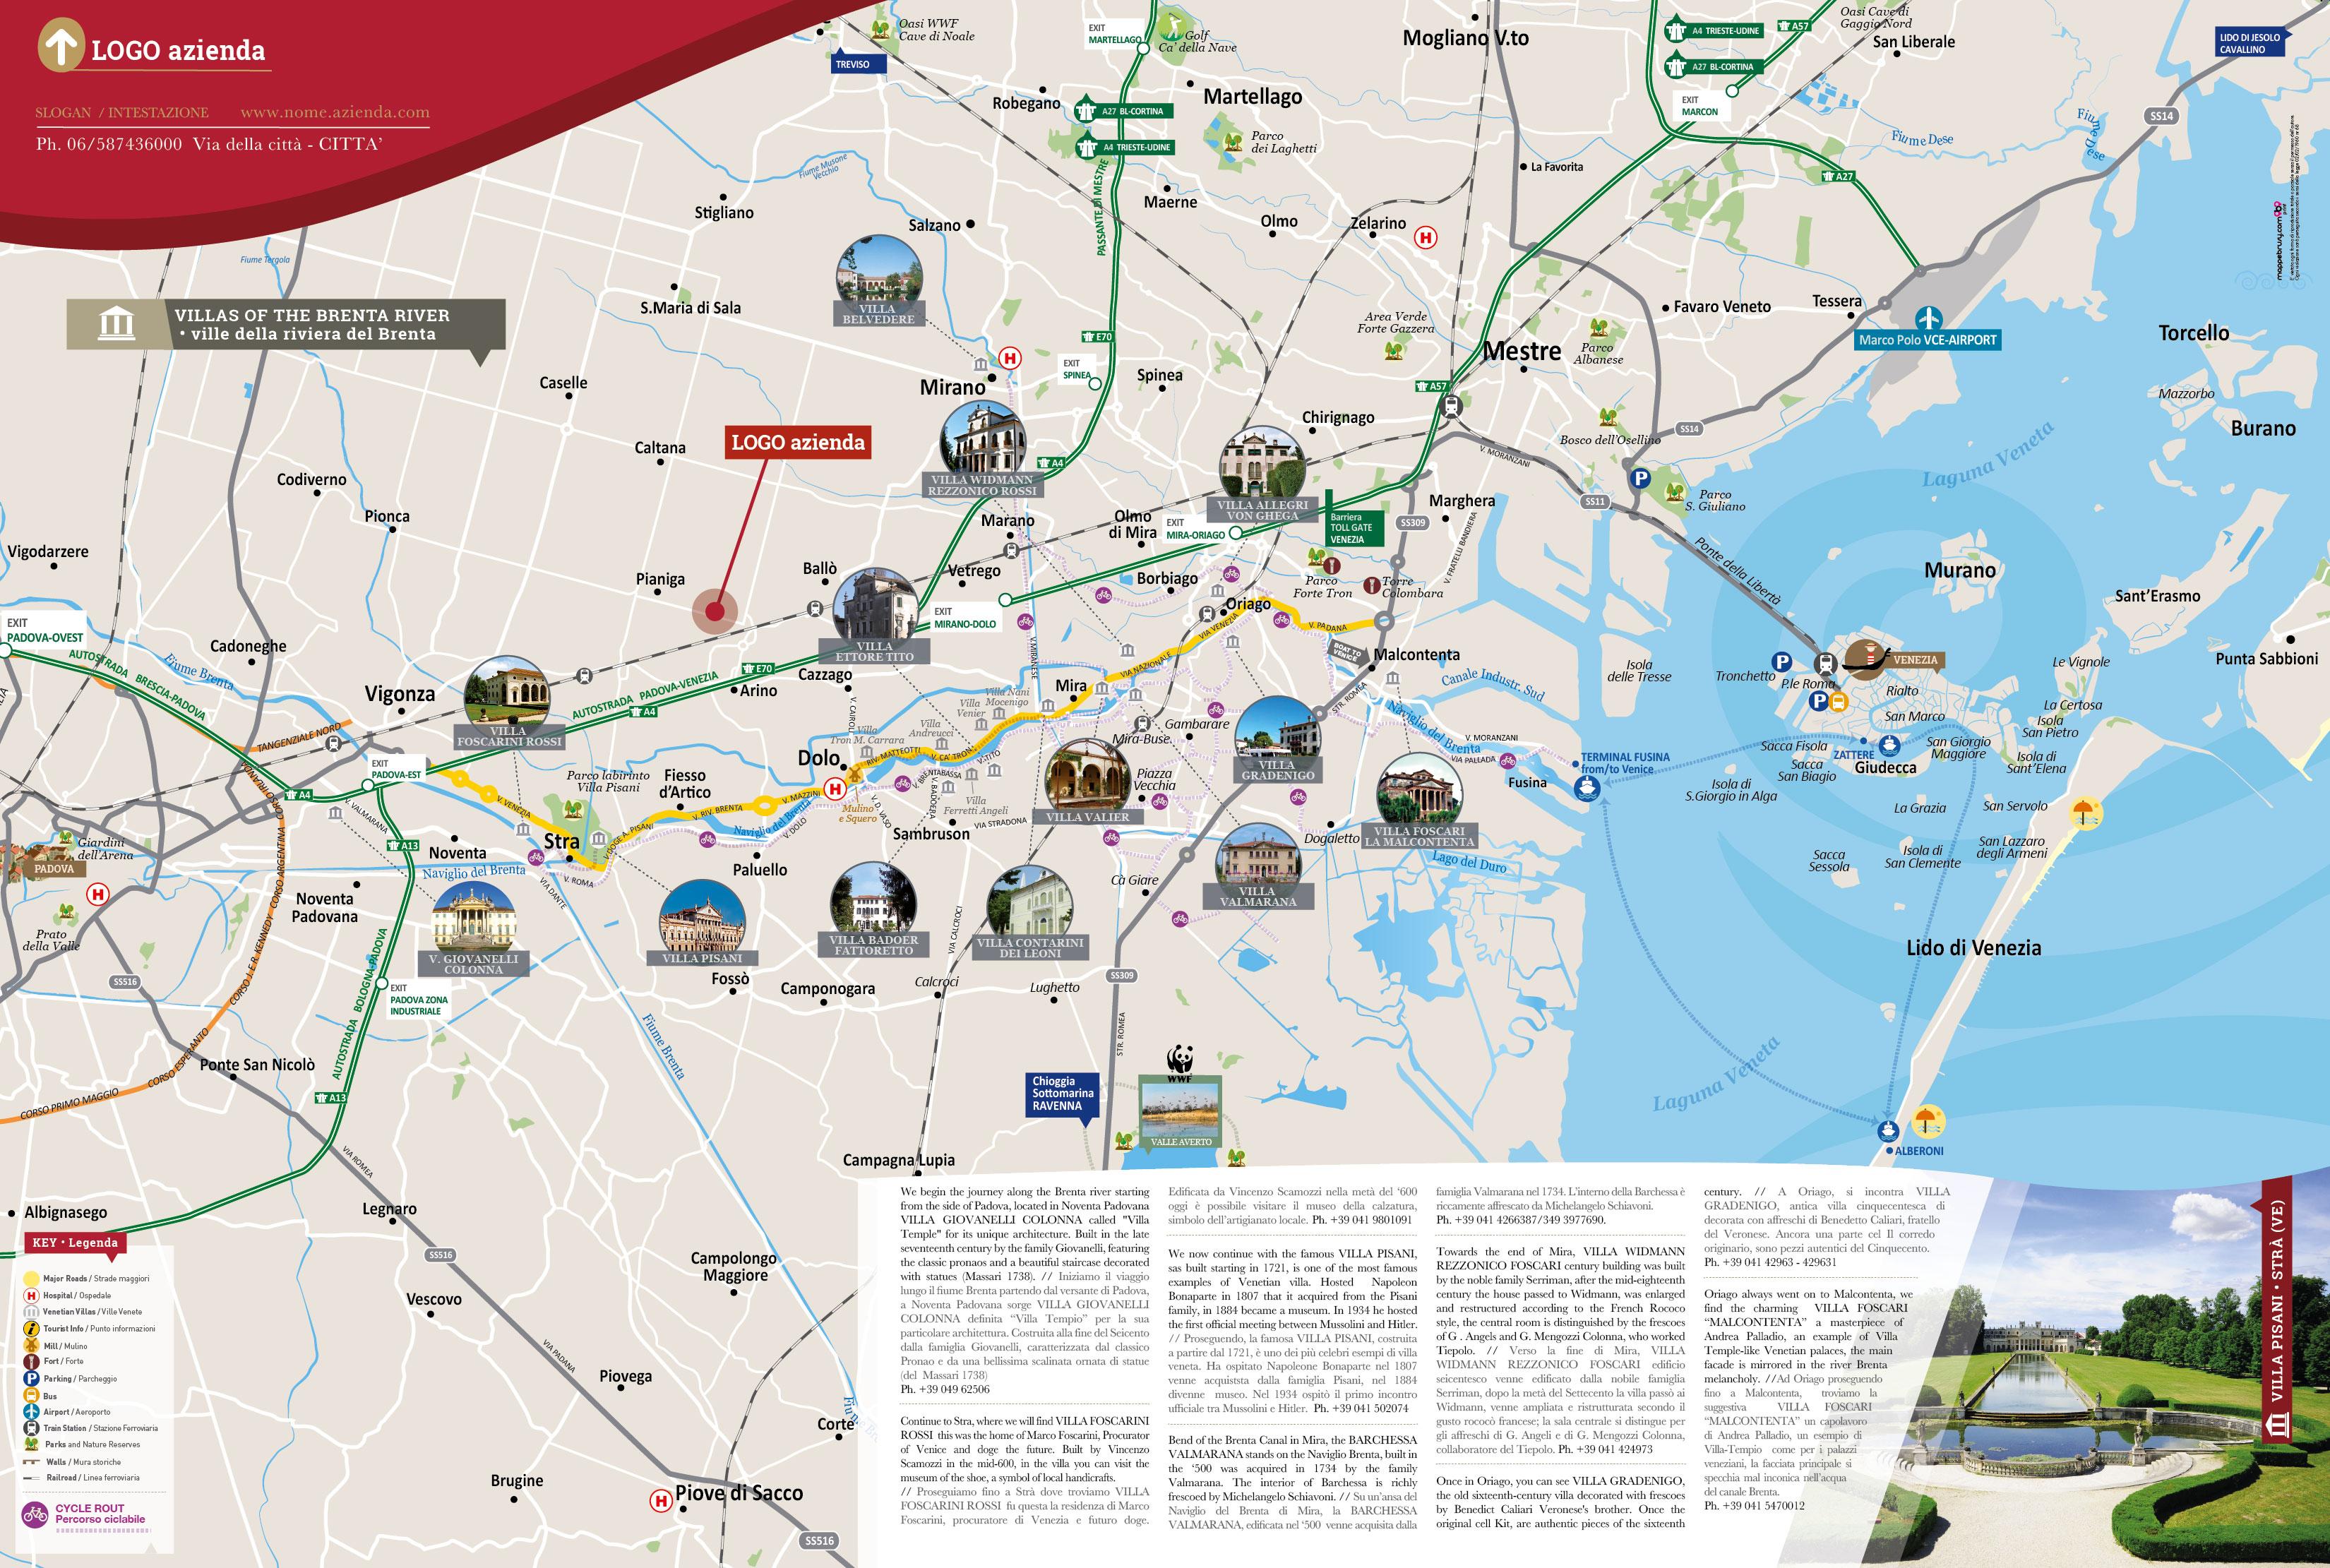 Cartina Della Sicilia Turistica.Mappa Della Riviera Del Brenta Cartina Personalizzata